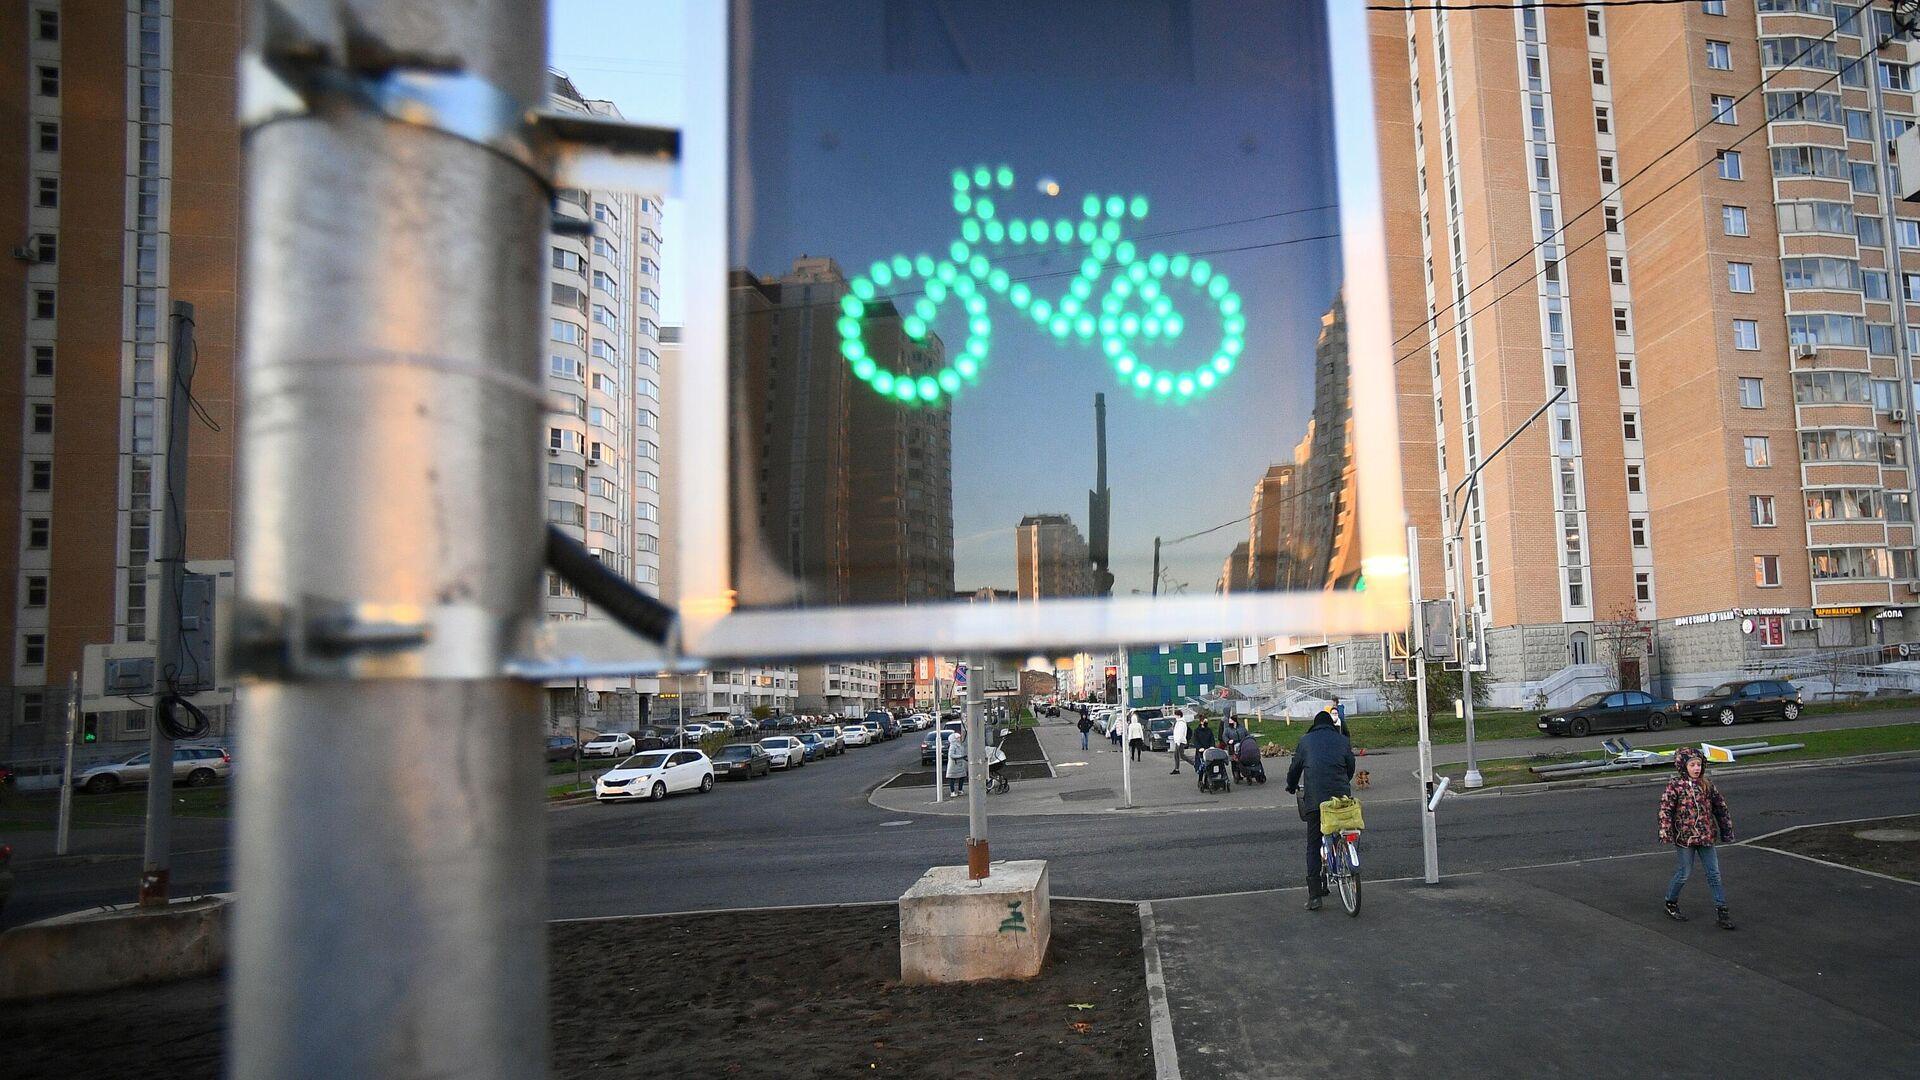 Новый светофор для велосипедистов в Москве - РИА Новости, 1920, 16.11.2020